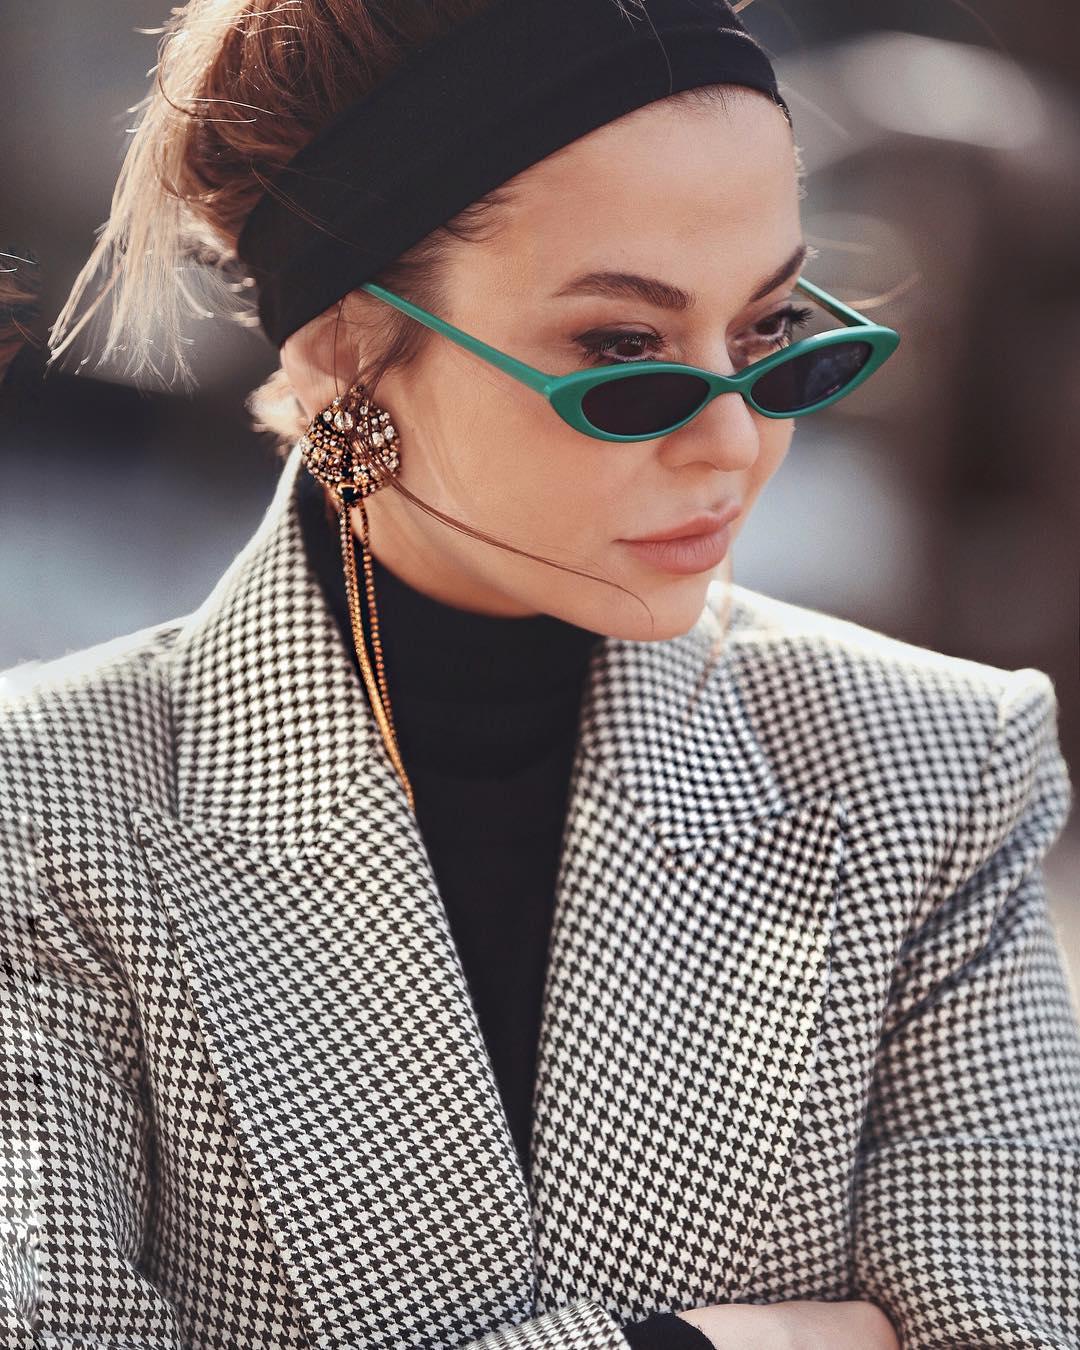 Какие солнцезащитные очки будут самыми модными в 2018 году